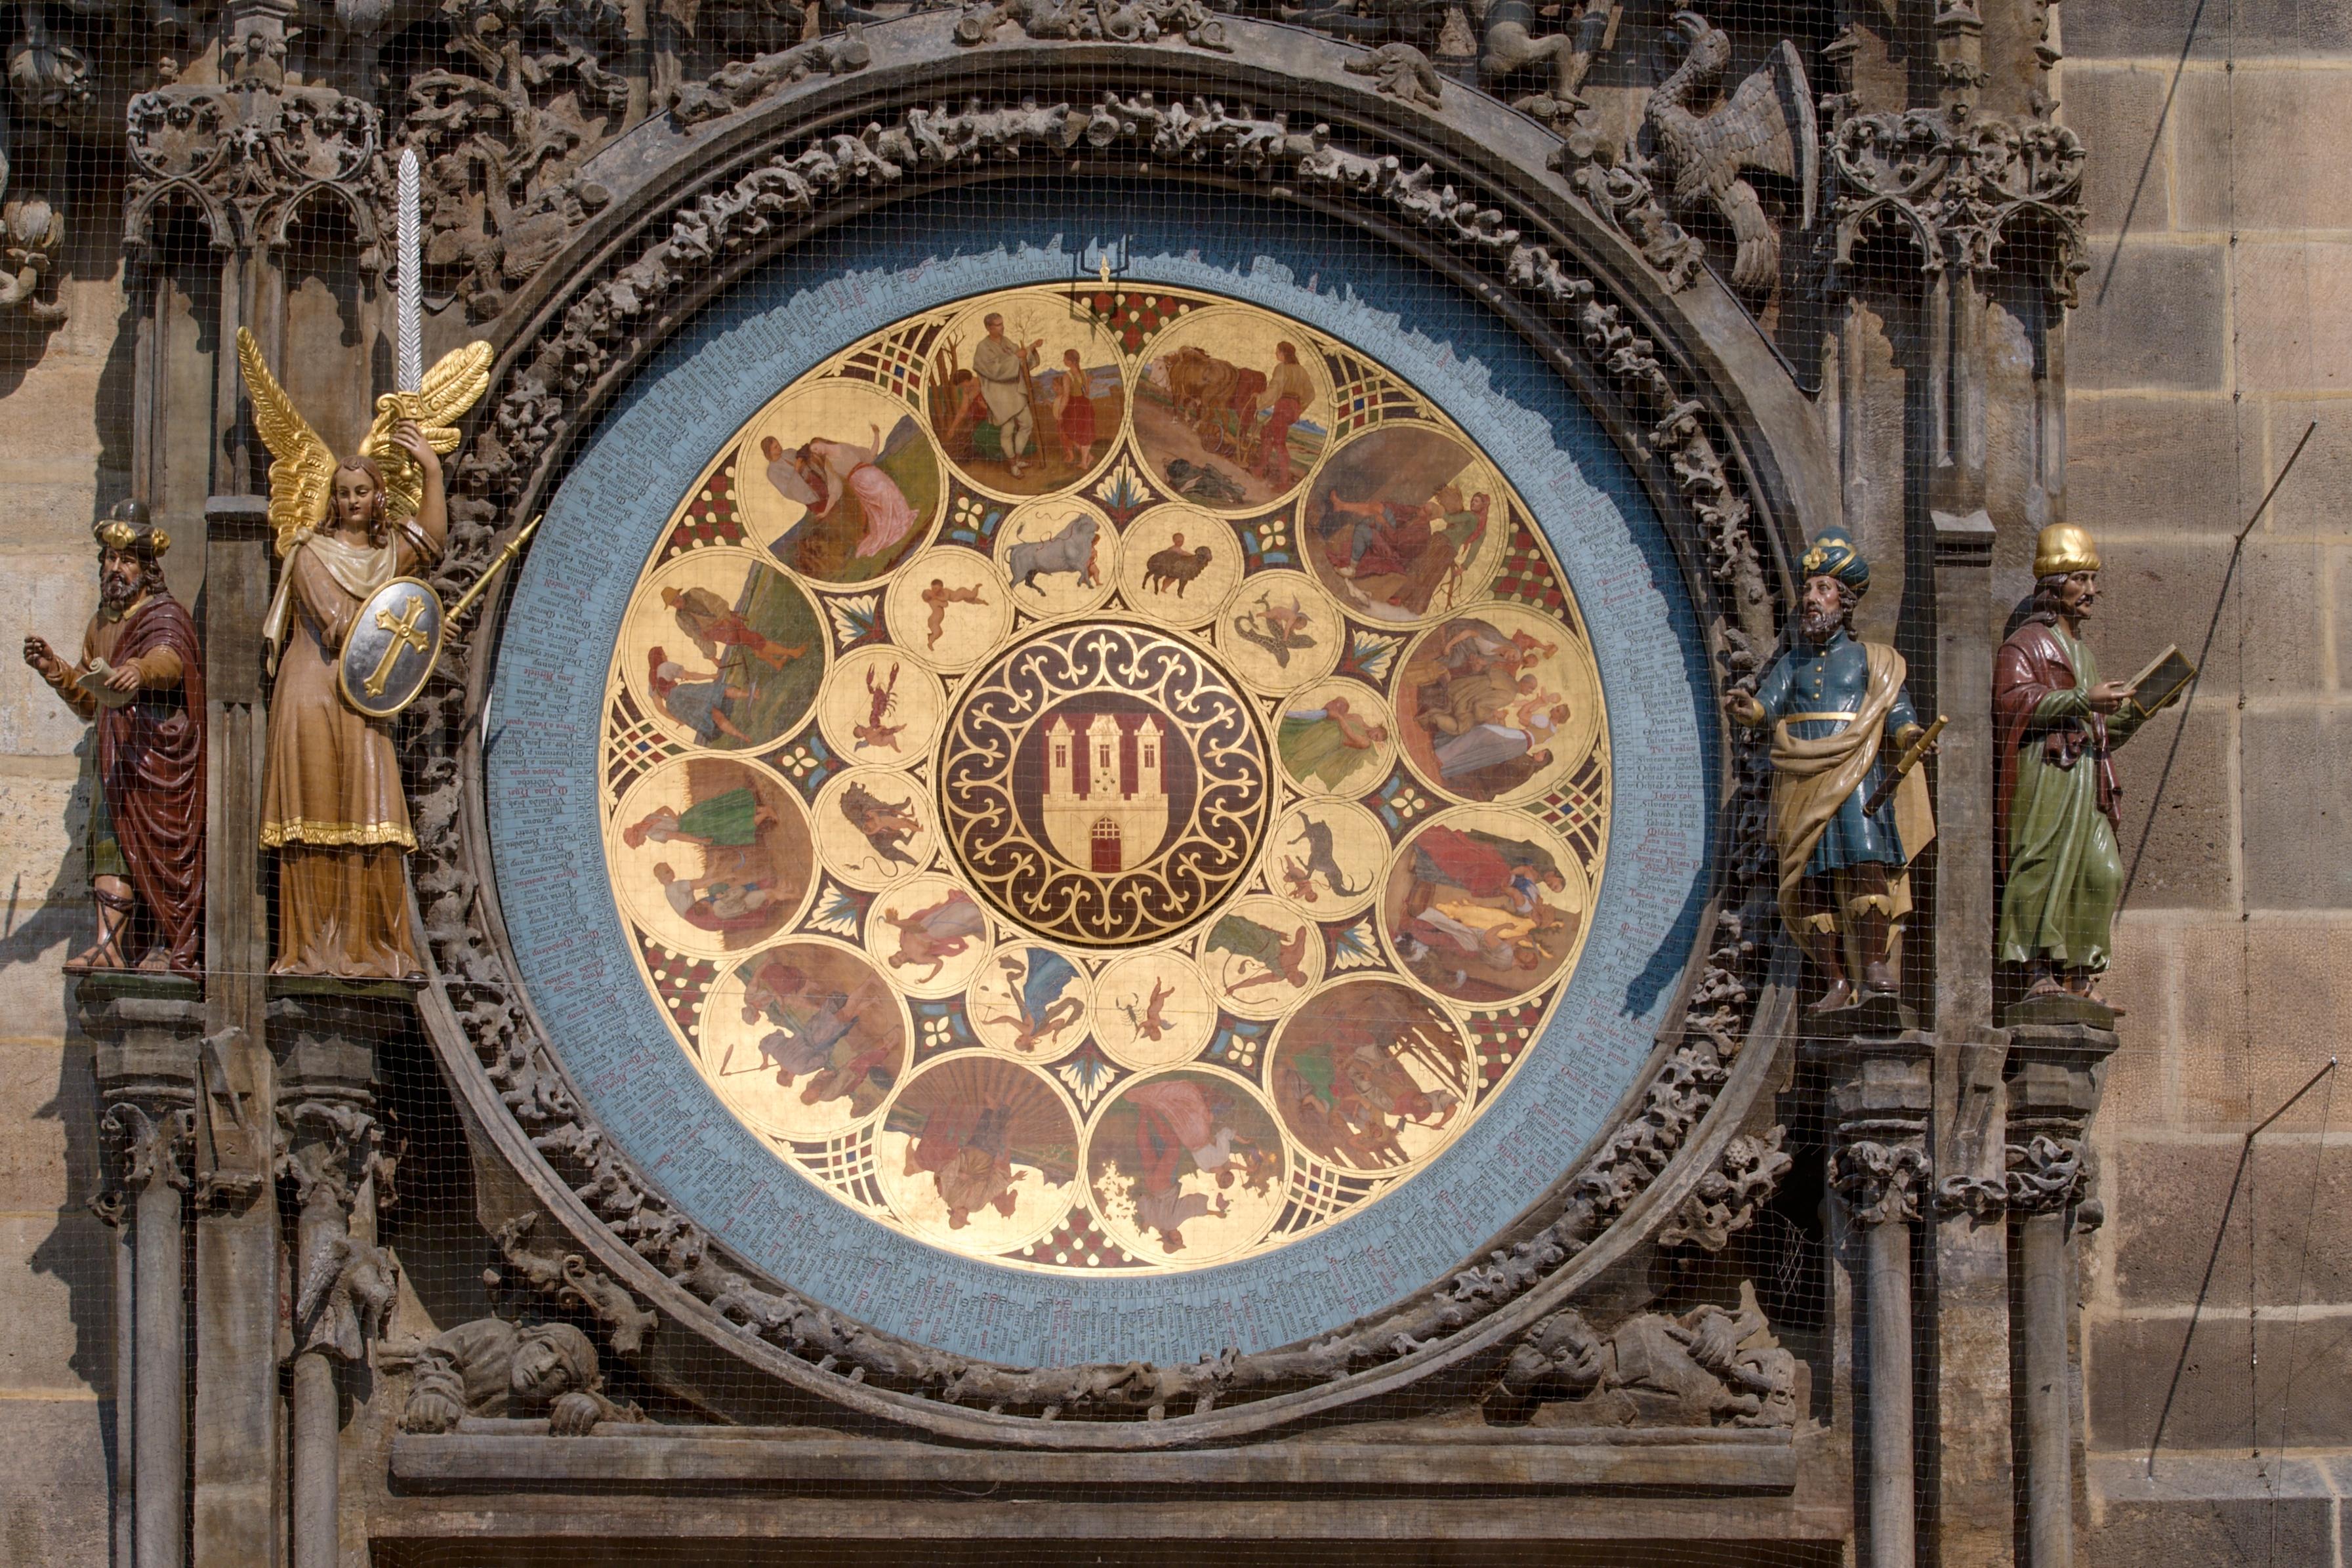 Le Calendrier du peintre Manes, Horloge